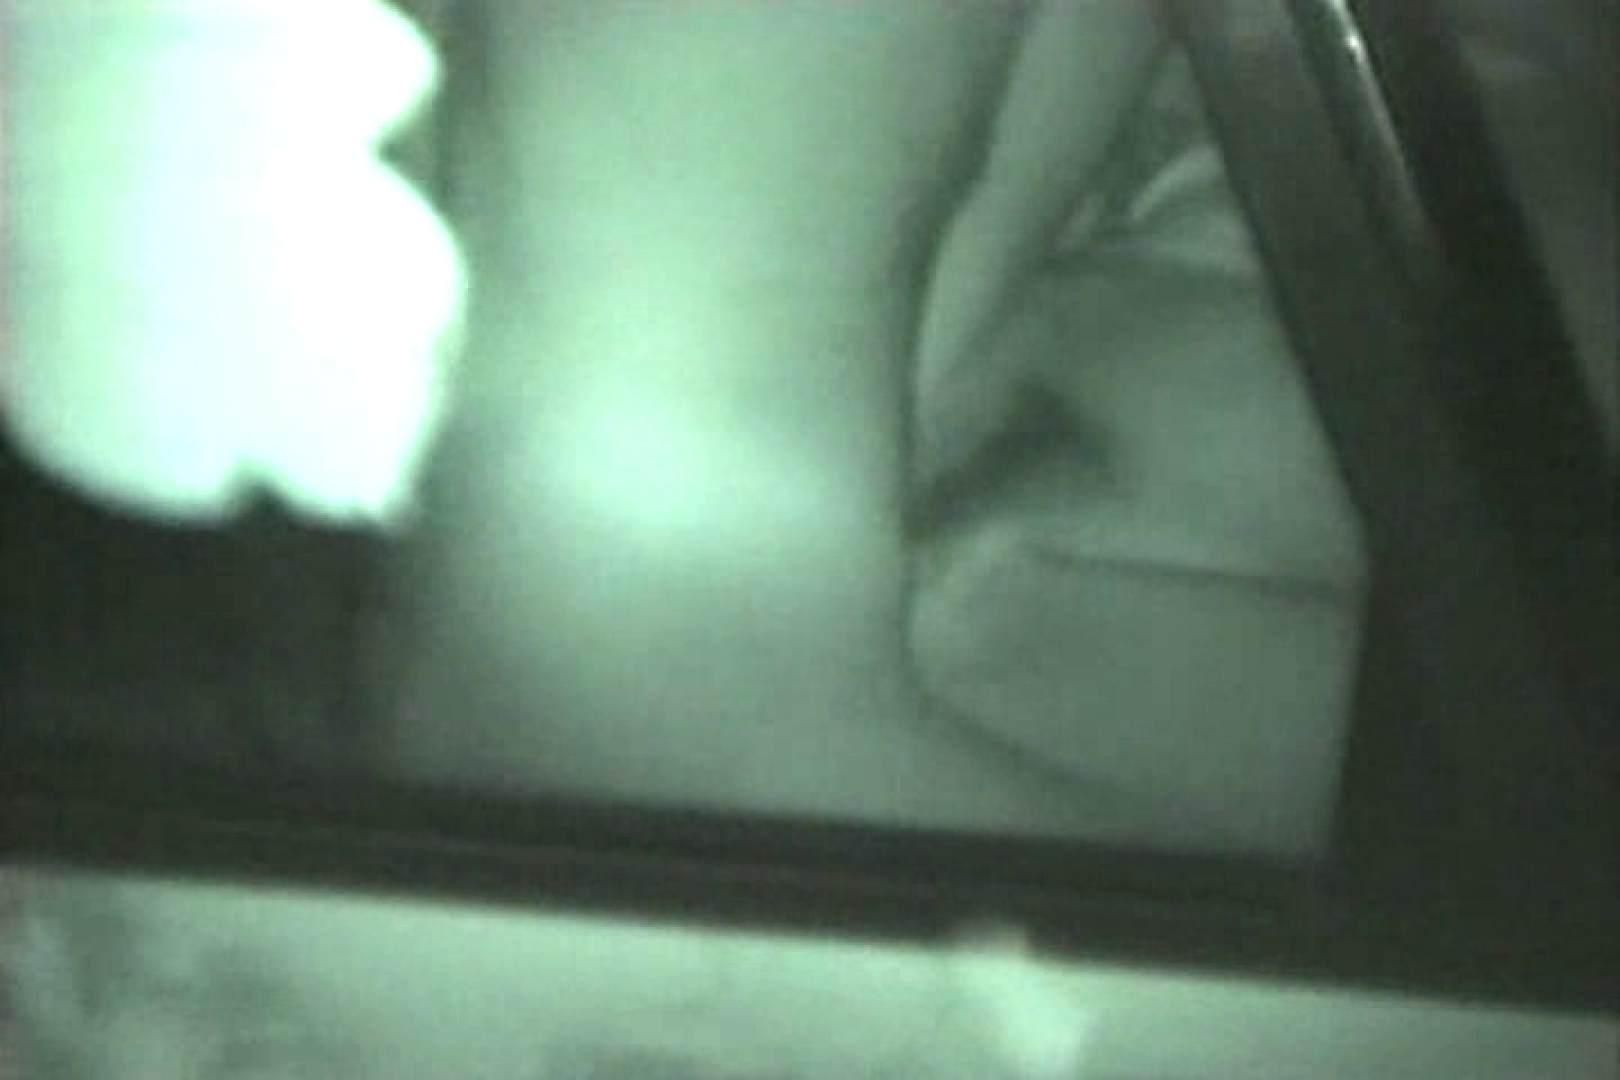 蔵出し!!赤外線カーセックスVol.15 カーセックス オメコ無修正動画無料 111連発 89